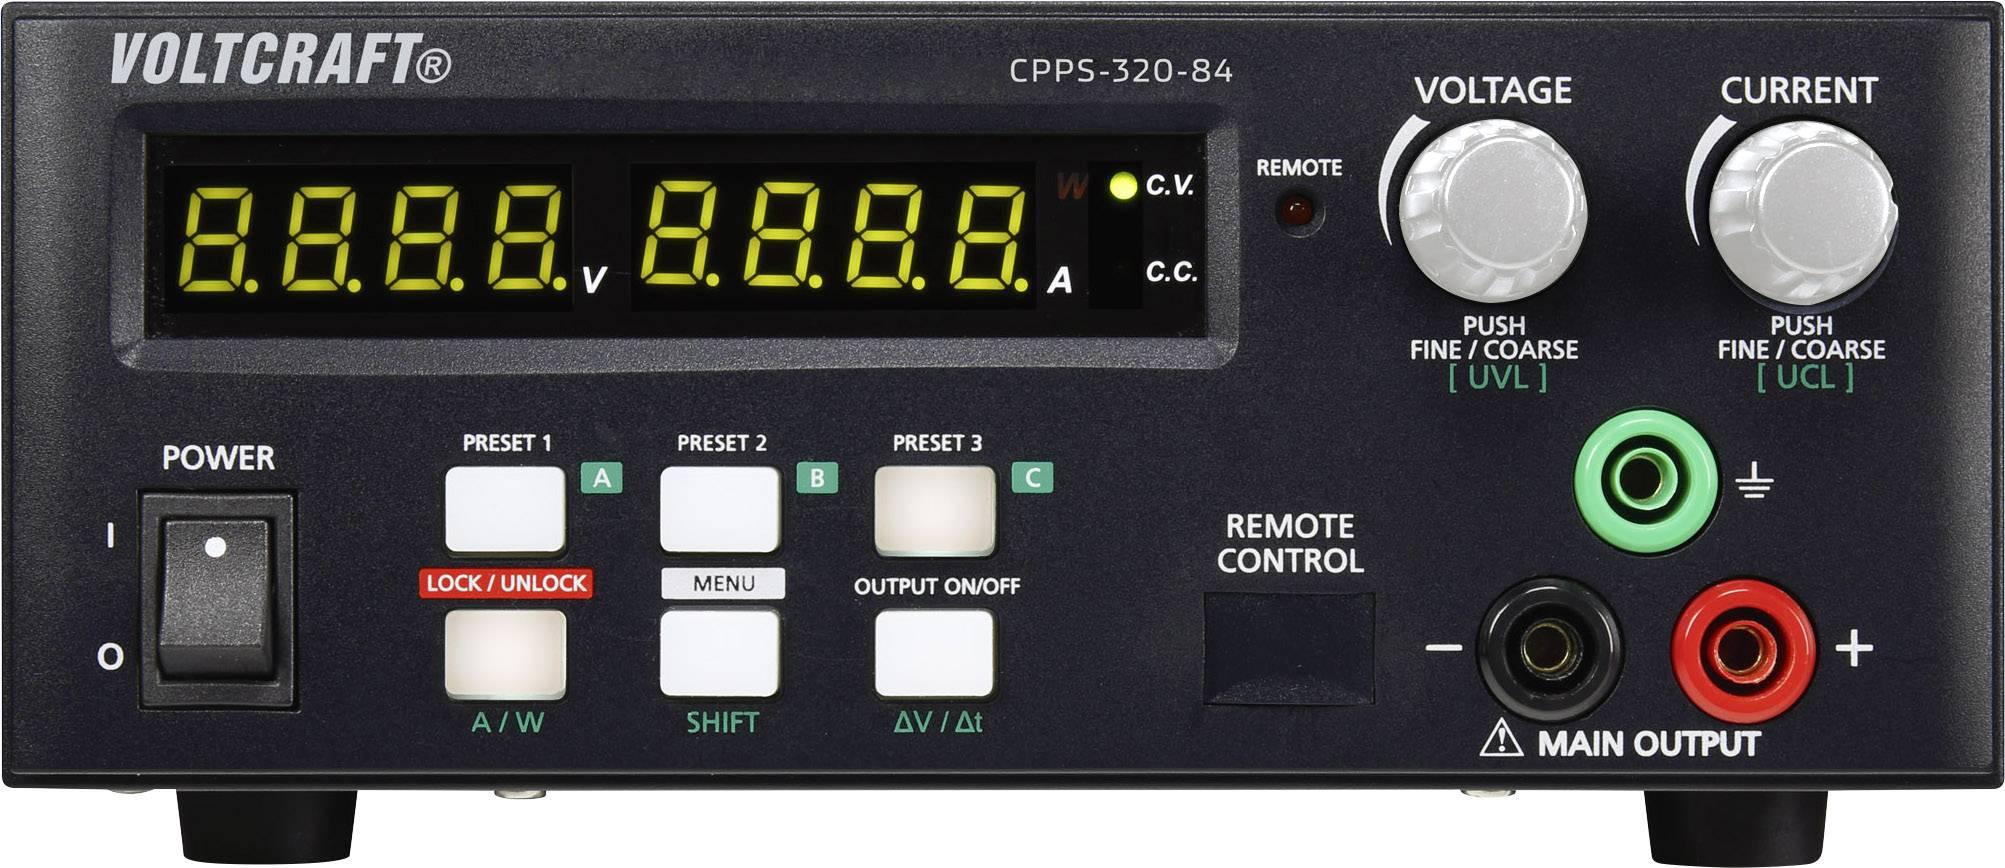 Laboratorní zdroj s nastavitelným napětím VOLTCRAFT CPPS-320-84, 0.02 - 84 V/DC, 0.01 - 10 A, 320 W, Kalibrováno dle ISO